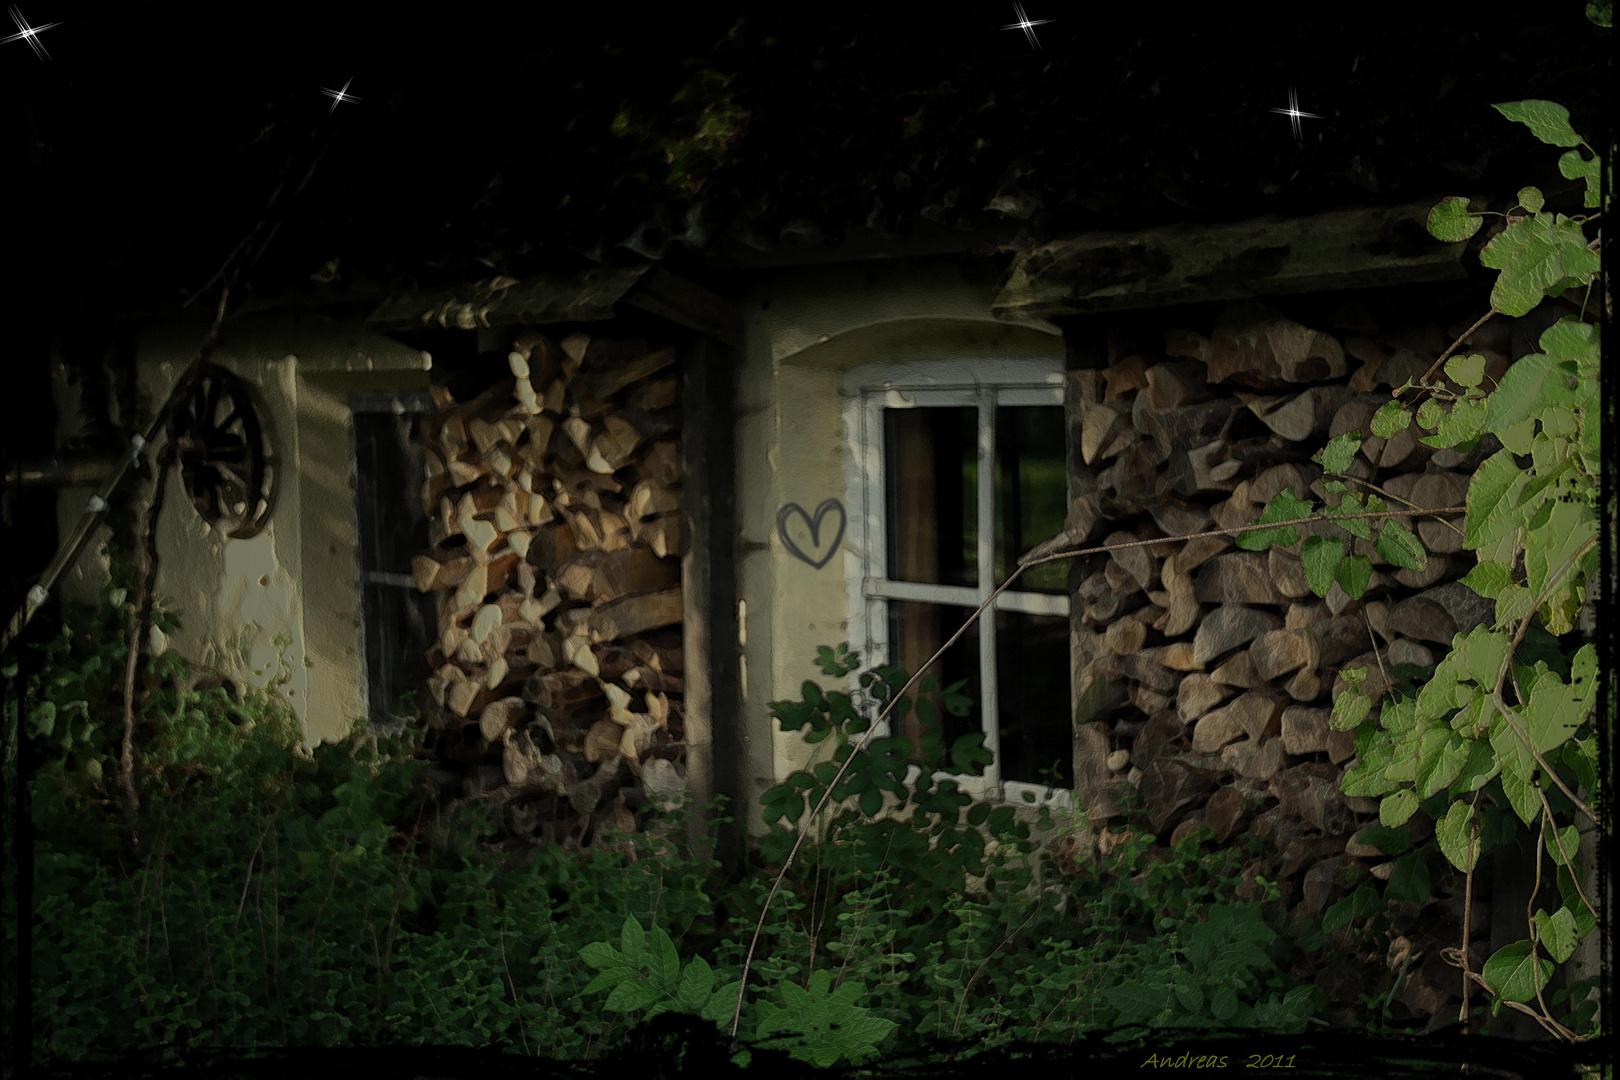 Damals im dunklen Wald